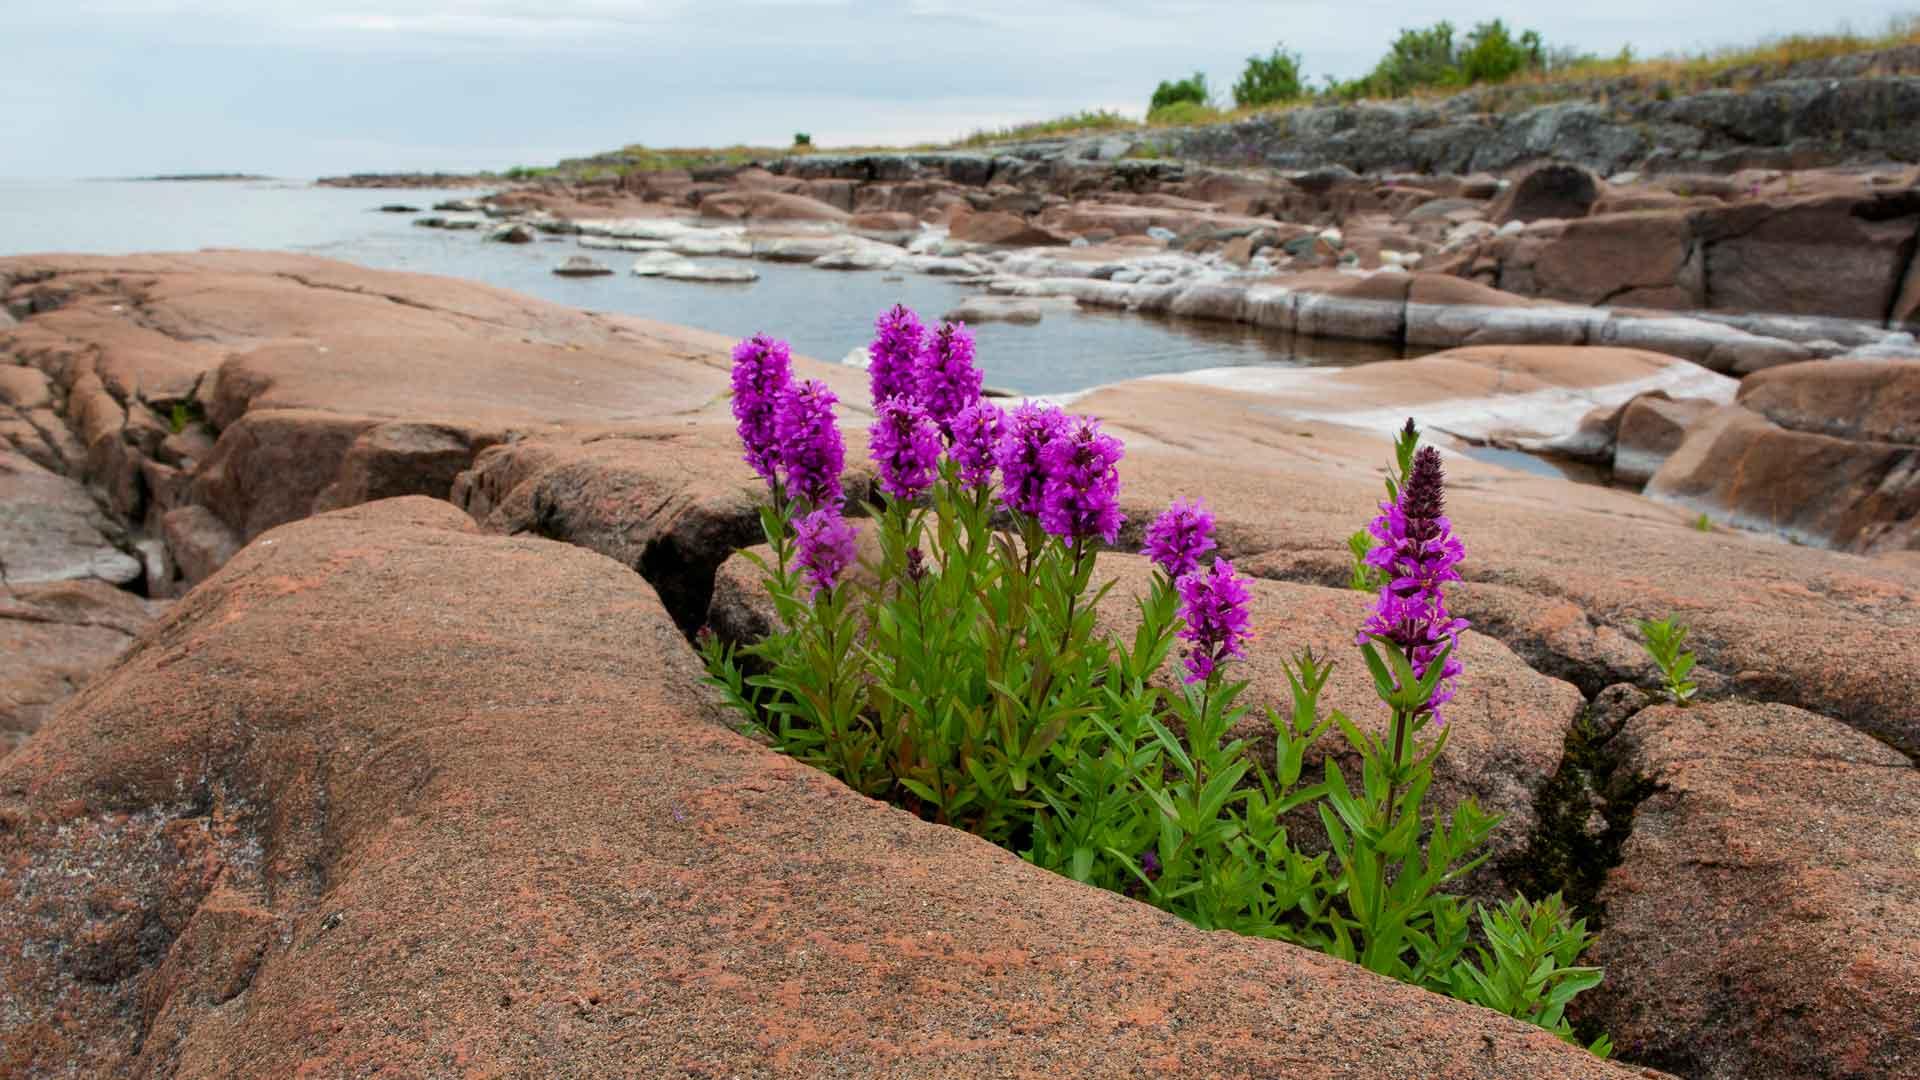 Laatokan rannoilla luonto on vuosi vuodelta puhtaampaa. Rantoja puhdistettiin vuonna 2018, joka oli Venäjällä luonnon ja ympäristön suojelun teemavuosi.